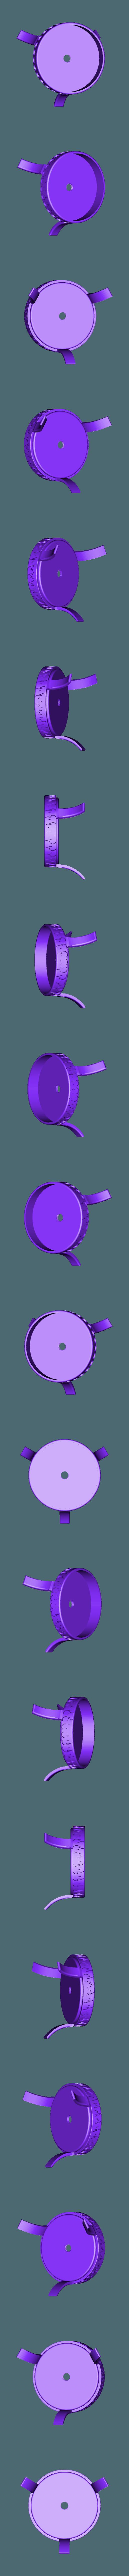 Platform.stl Télécharger fichier OBJ gratuit Modèle d'impression 3D de Harry Potter et la Coupe de feu (Oeuf) • Objet à imprimer en 3D, quaddalone